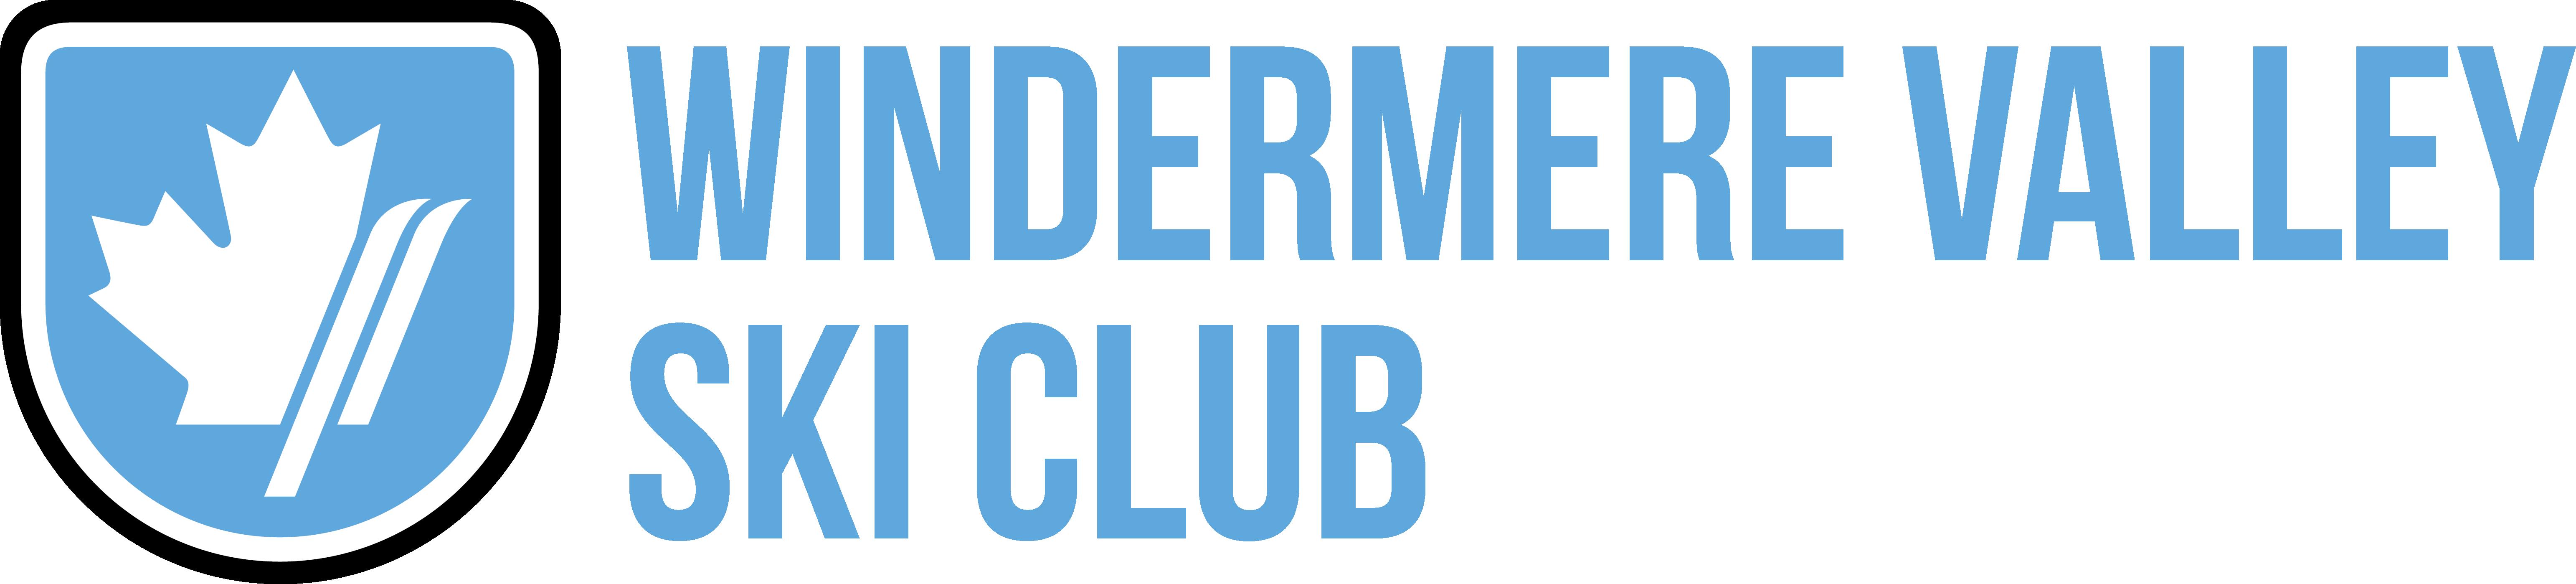 Windermere Valley Ski Club